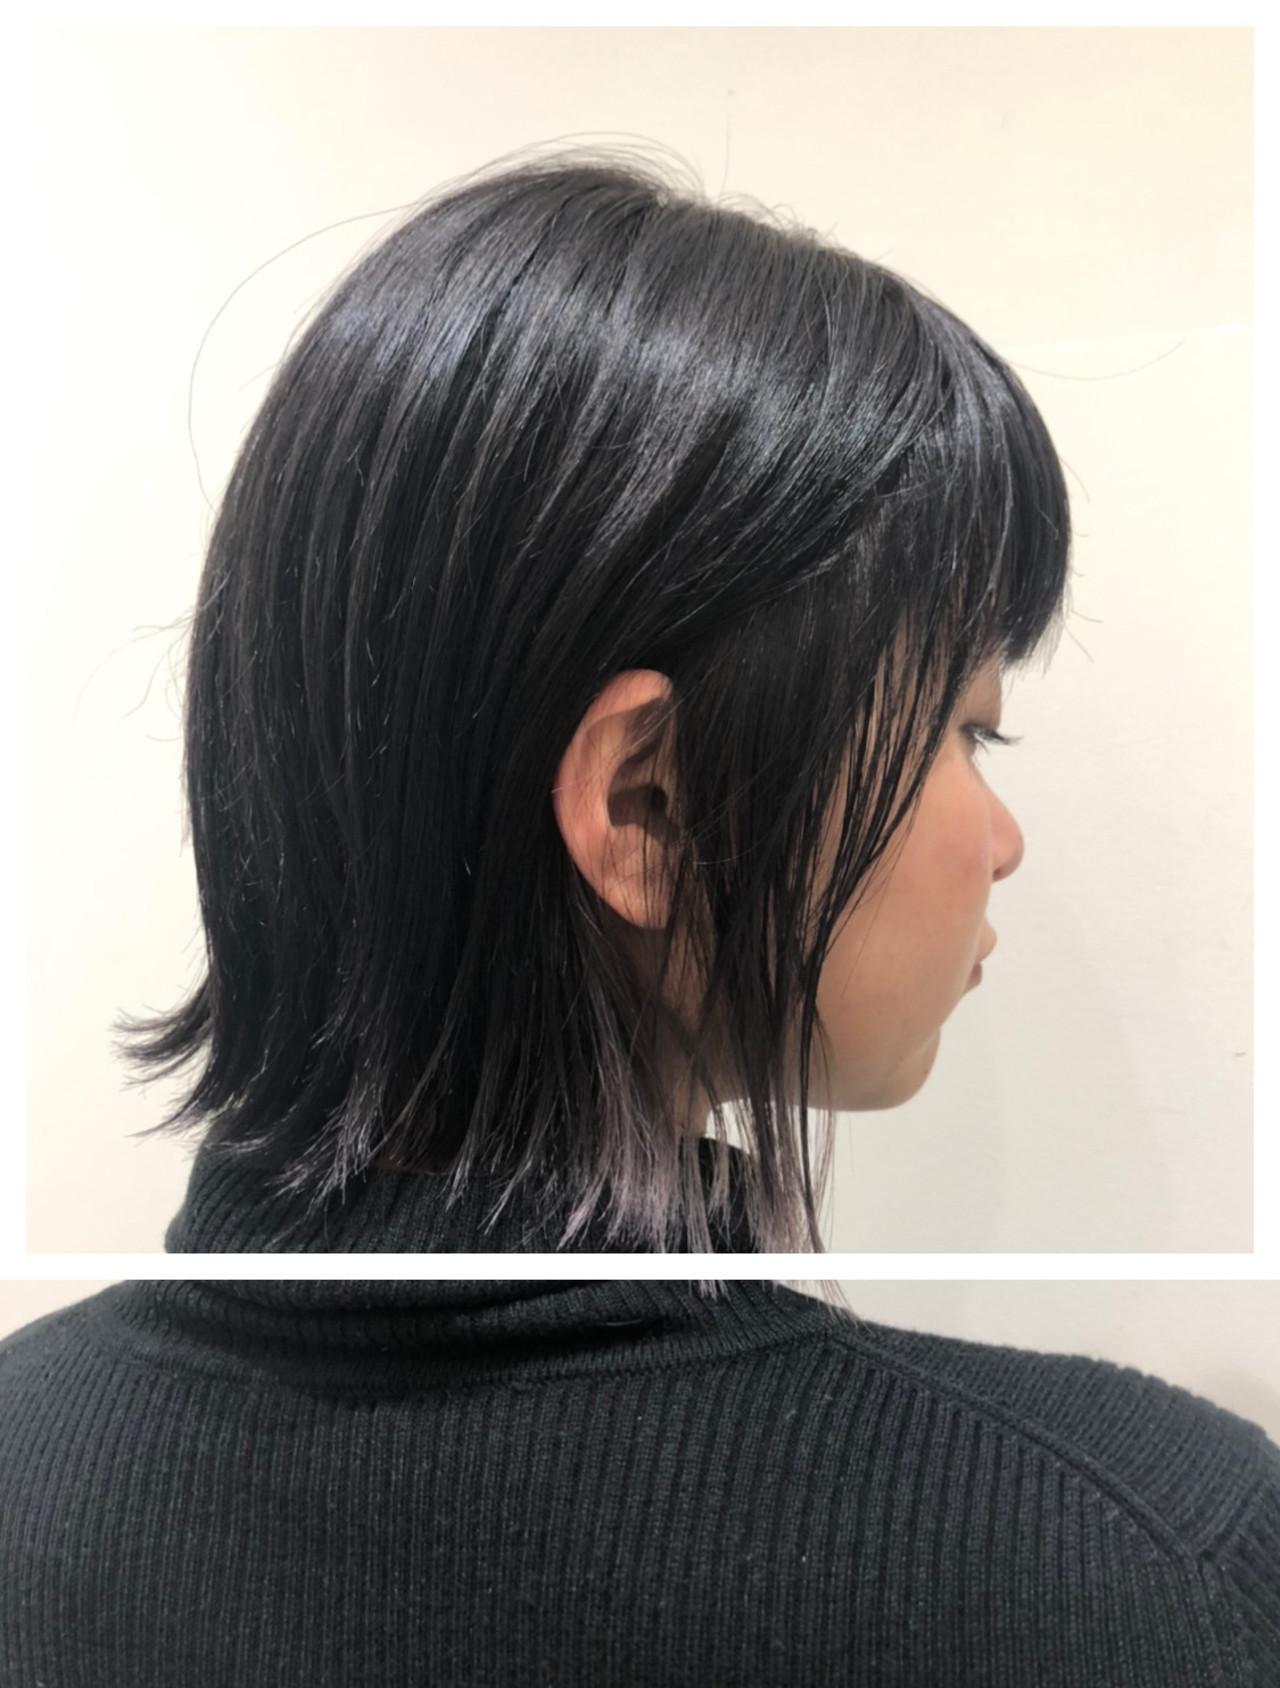 インナーカラーグレー ナチュラル ポイントカラー 切りっぱなしボブ ヘアスタイルや髪型の写真・画像